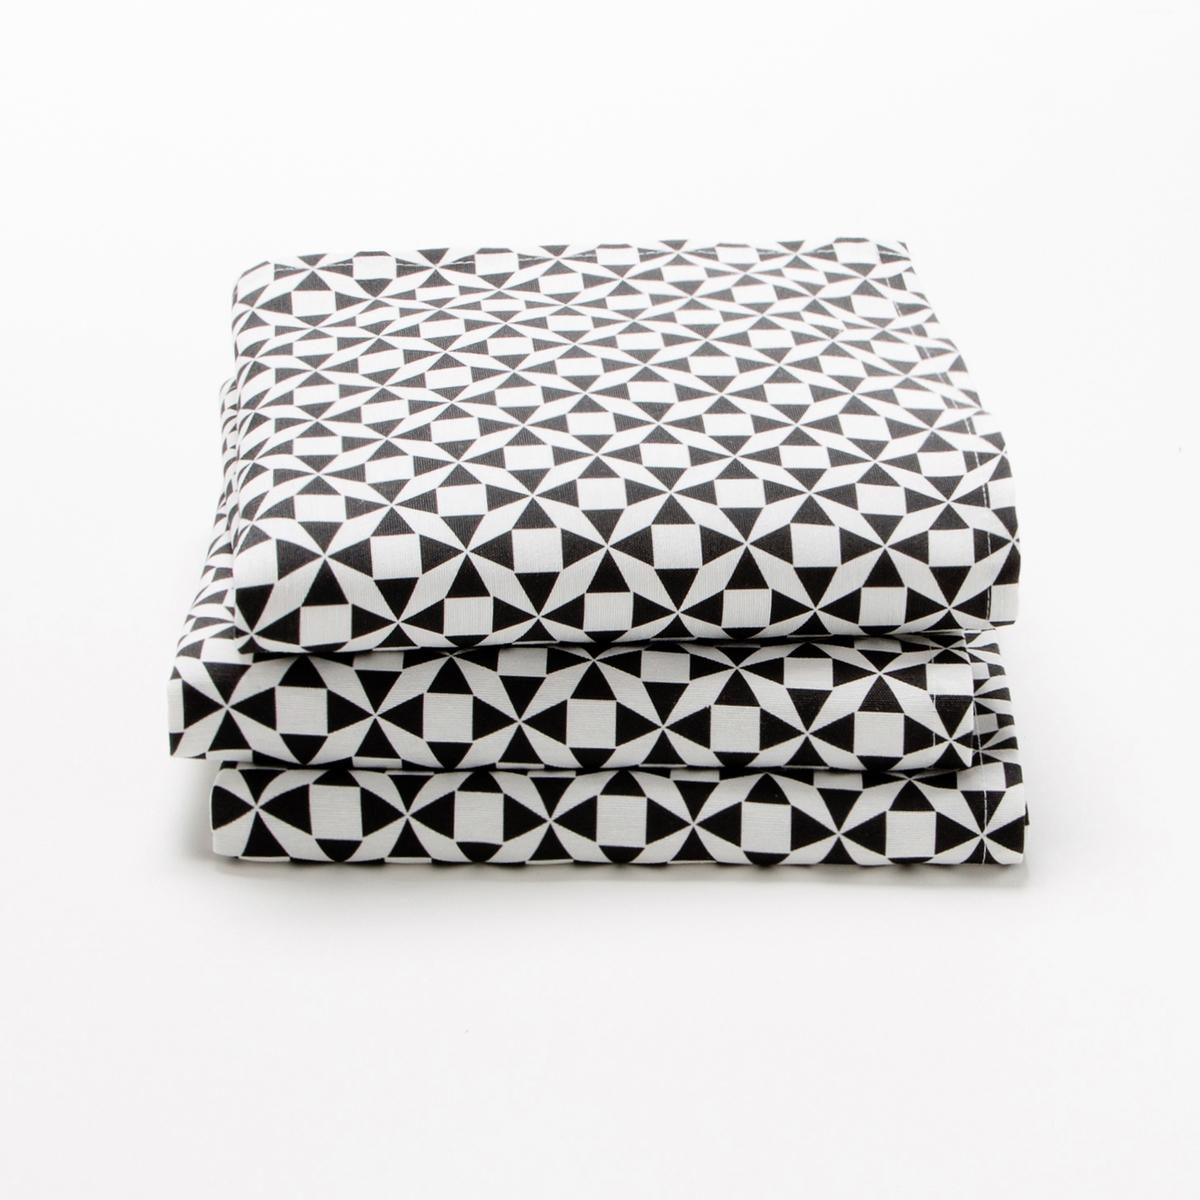 3 столовых полотенца, CisareХарактеристики столового полотенца :70% хлопка, 30% полиэстераРазмер  :45 x 45 см..УходМашинная стирка при 60 °С.Возможна машинная сушка.<br><br>Цвет: антрацит/шафран